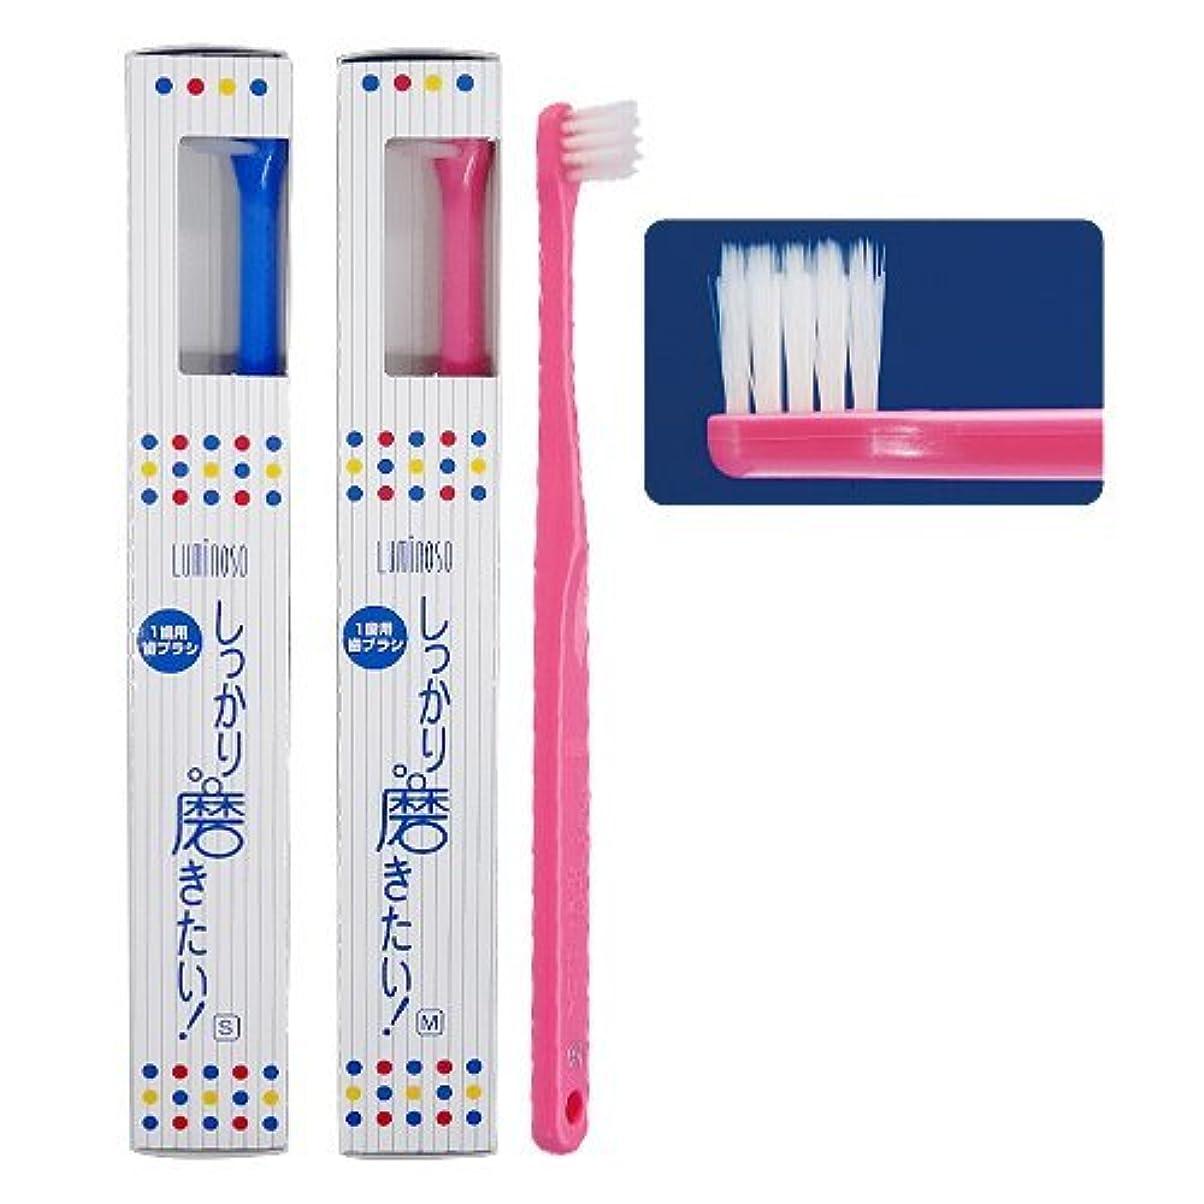 トランペット賠償マーチャンダイジングルミノソ 1歯用歯ブラシ「しっかり磨きたい!」スタンダード ソフト (カラー指定不可) 10本